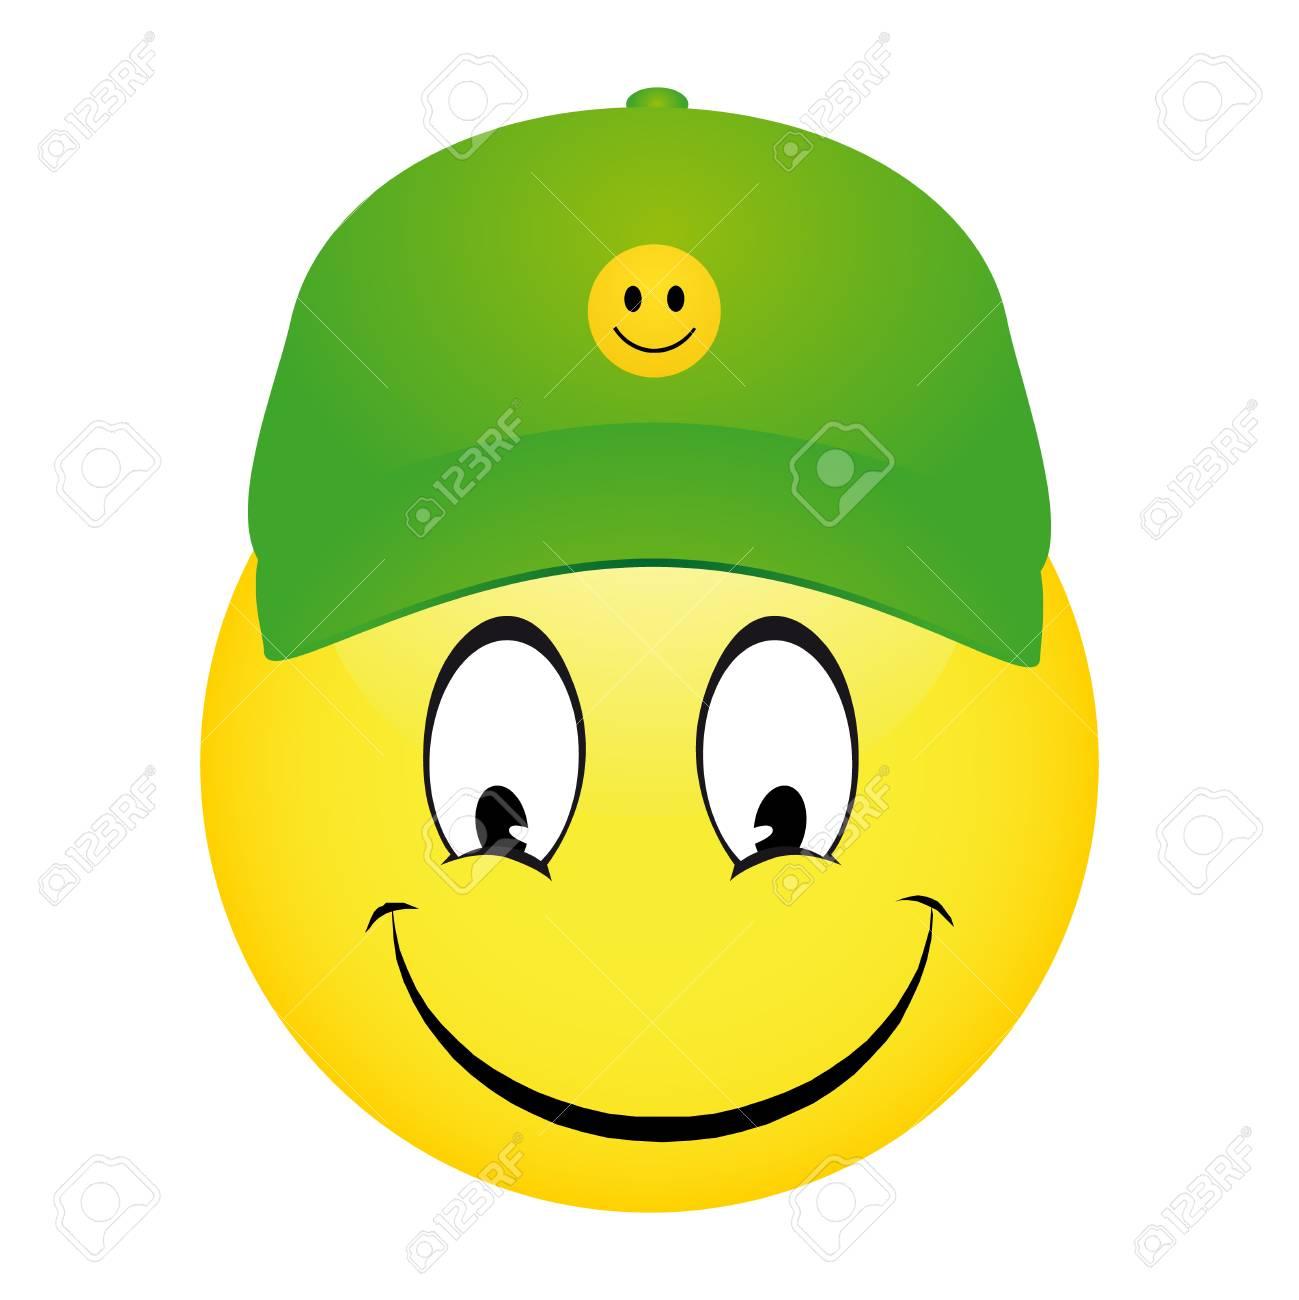 Foto de archivo - Ilustración del vector de emoticon de dibujos animados  sonriente que llevaba una gorra y apuntando 5b78703266d